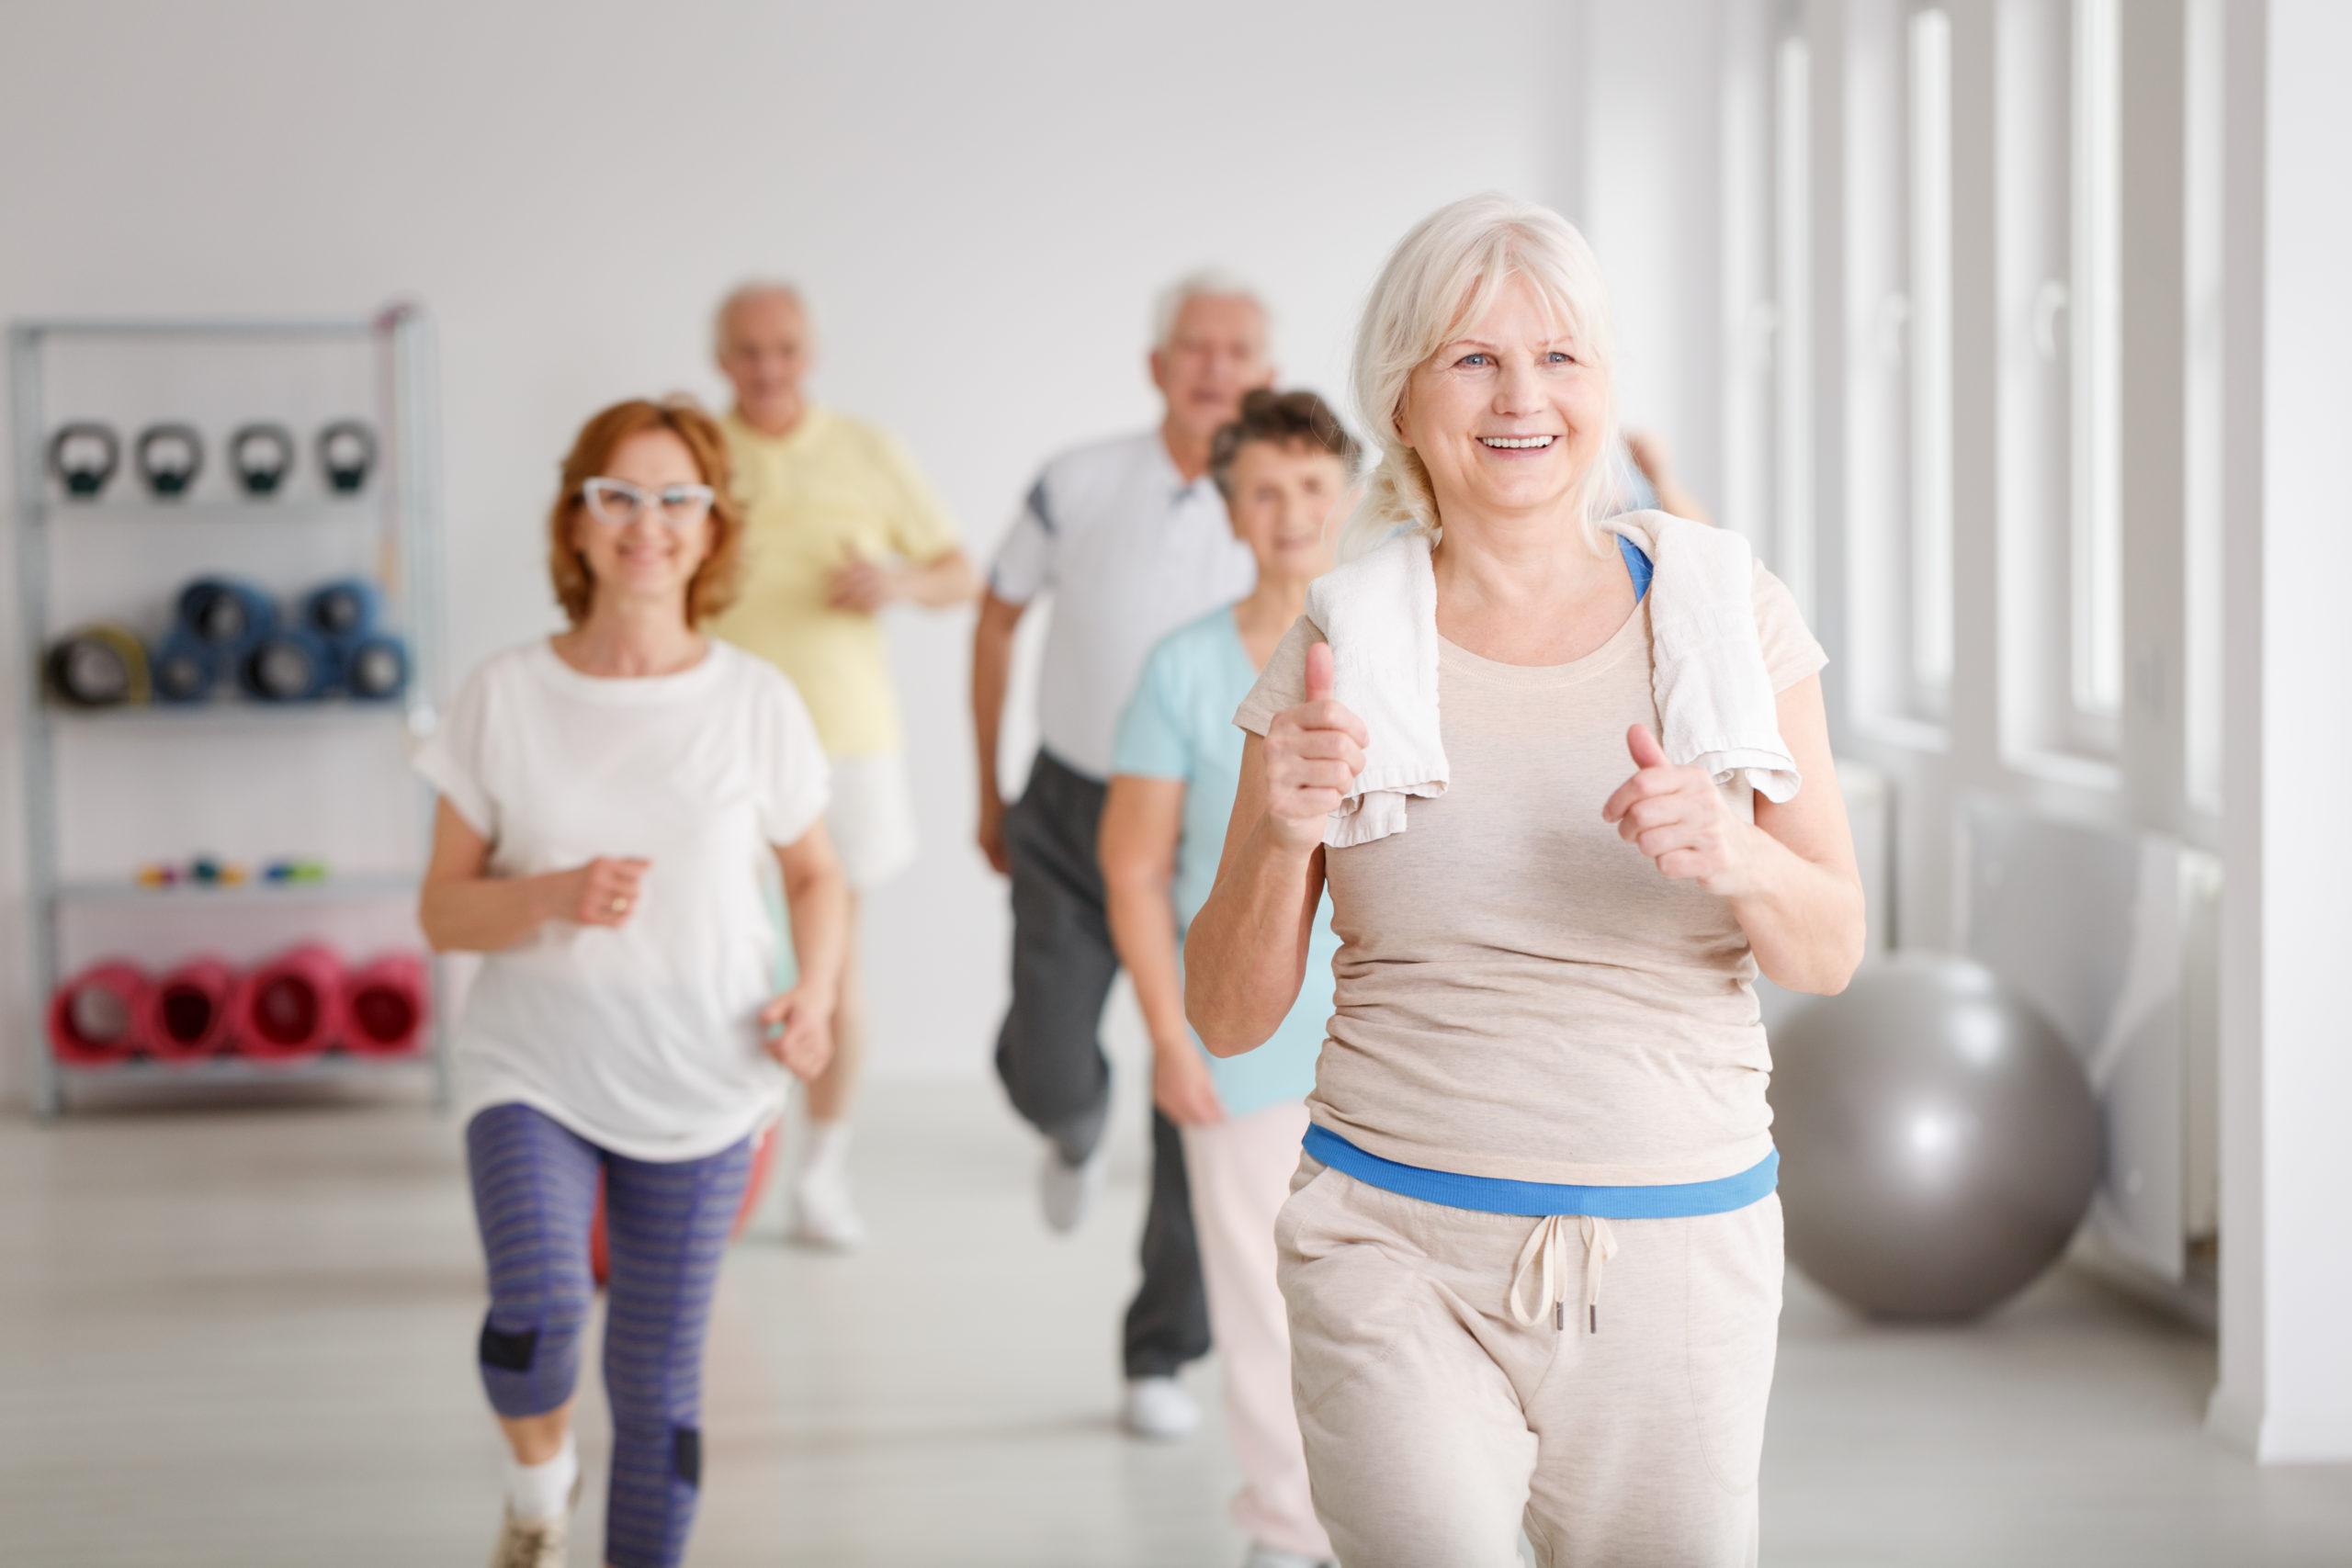 personeche fanno esercizio fisico